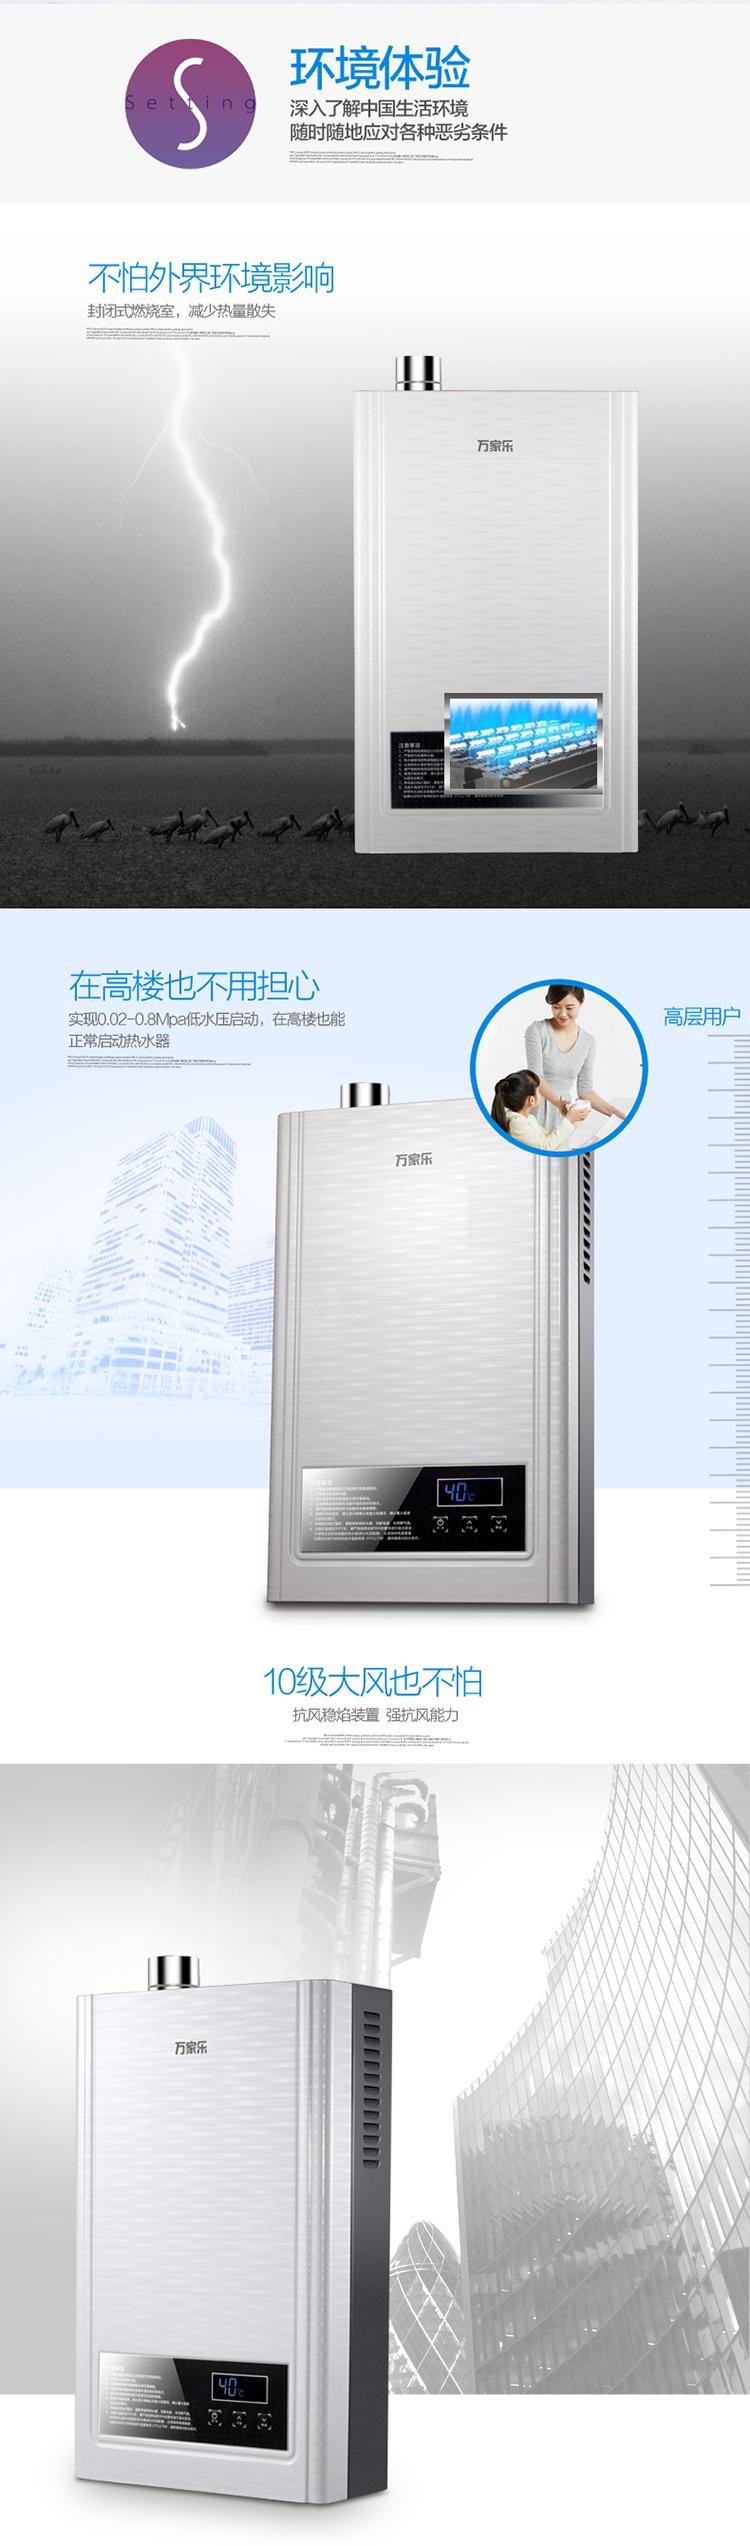 燃热水器最好品牌_万家乐(macro) ljsq20-12401 12升 燃气热水器(天然气